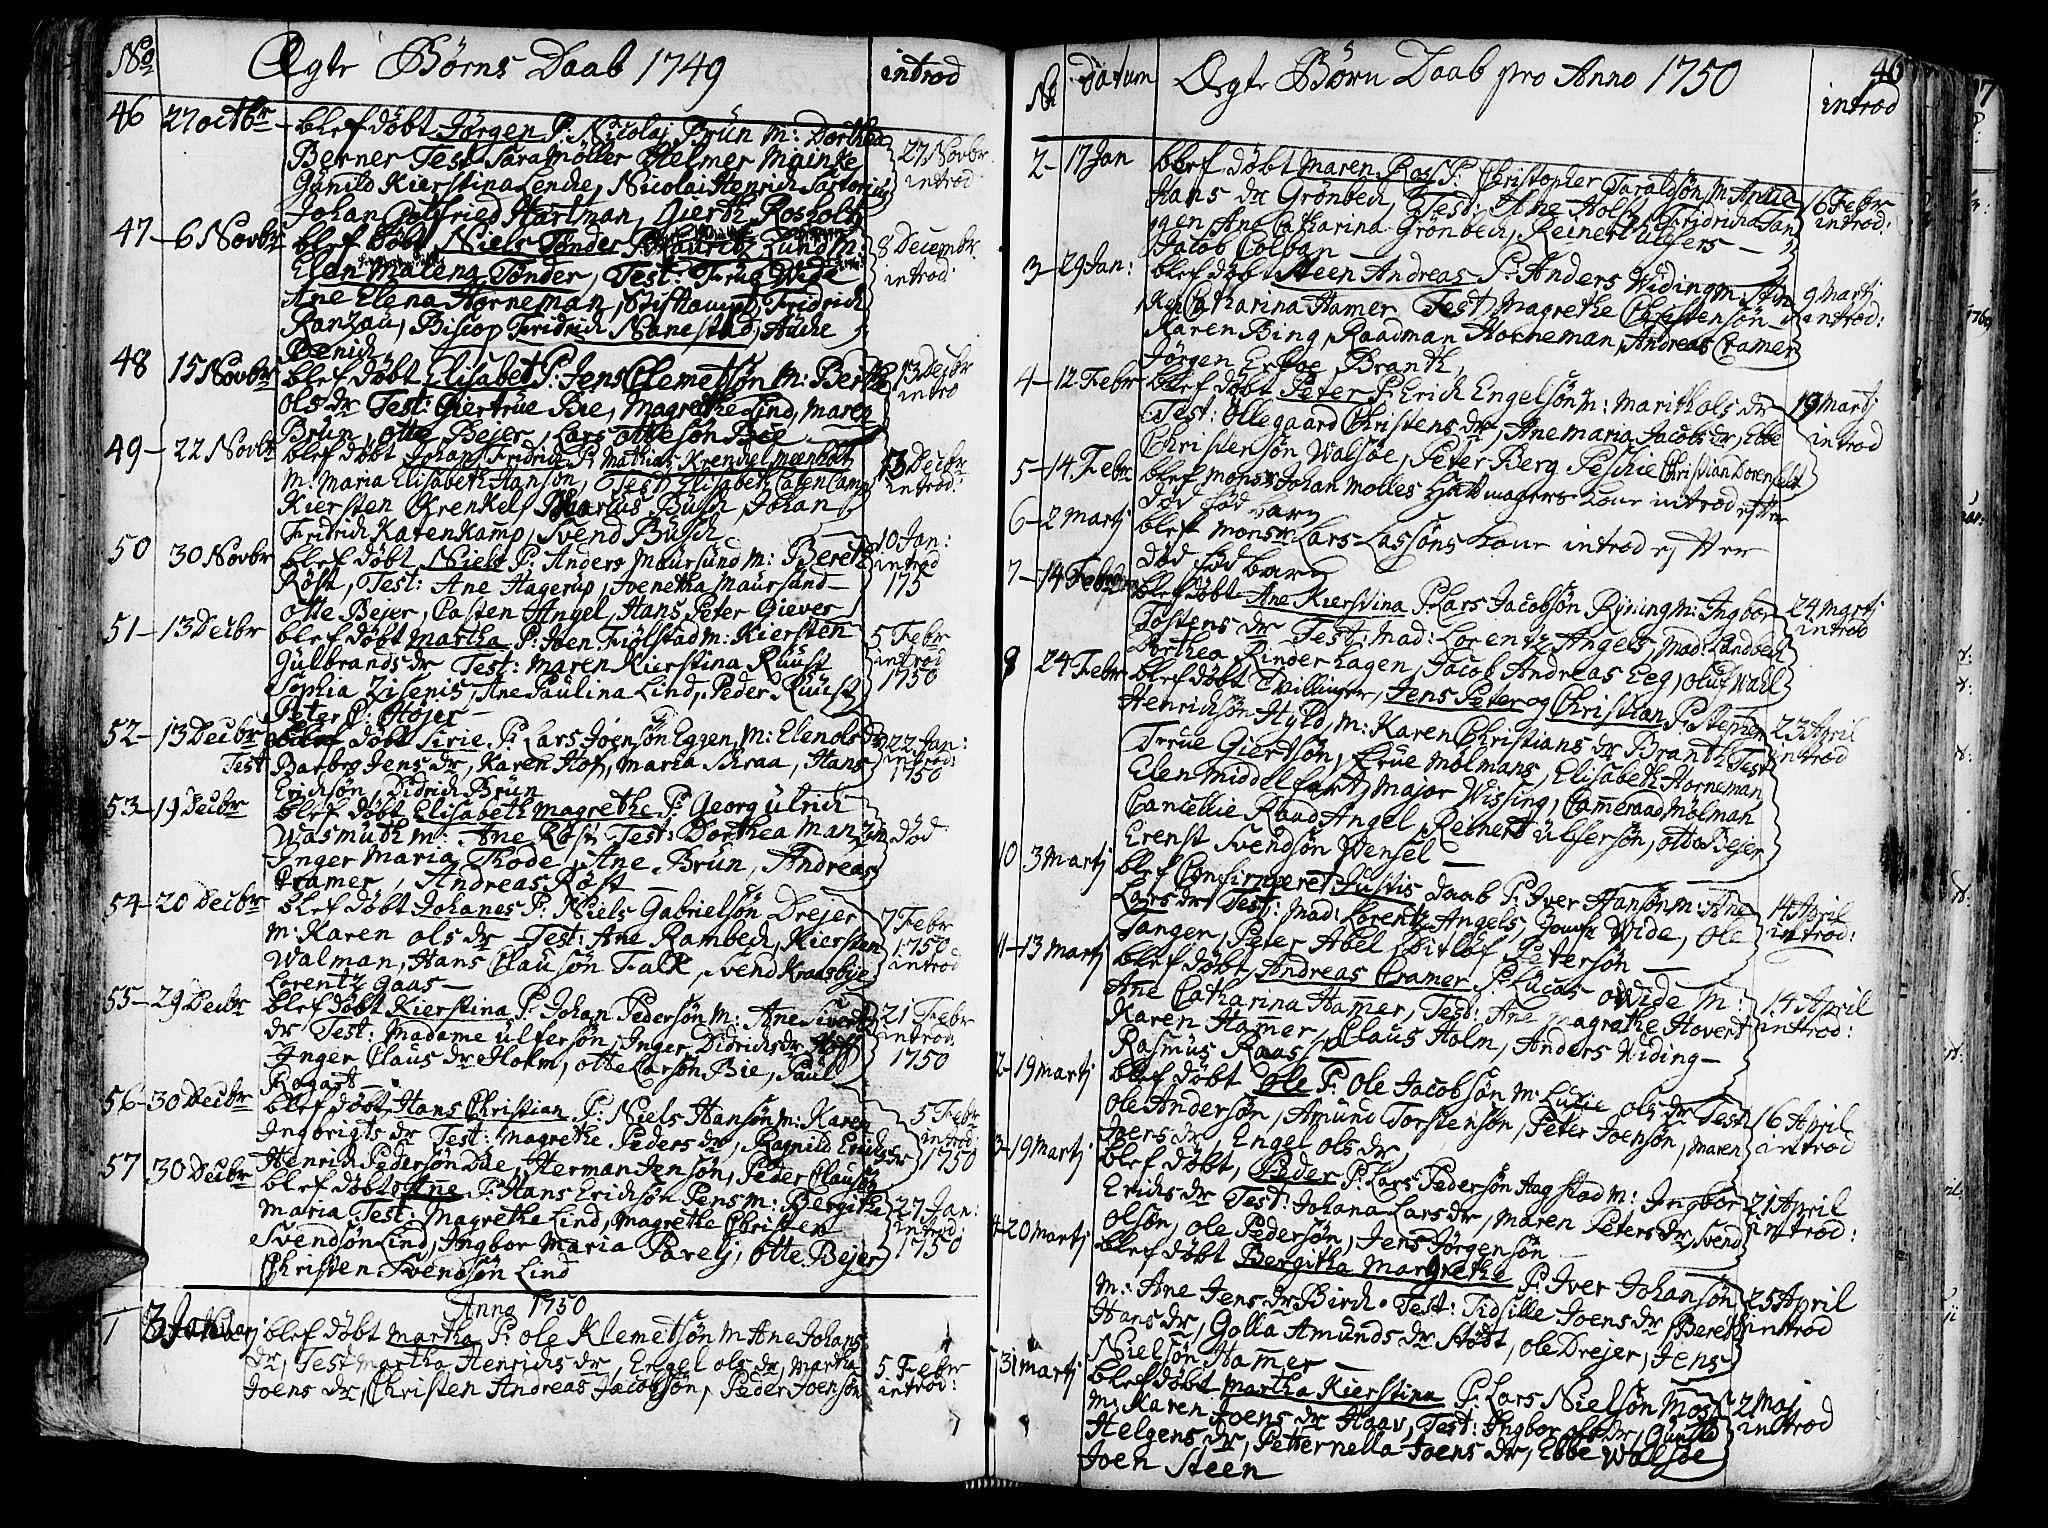 SAT, Ministerialprotokoller, klokkerbøker og fødselsregistre - Sør-Trøndelag, 602/L0103: Ministerialbok nr. 602A01, 1732-1774, s. 46